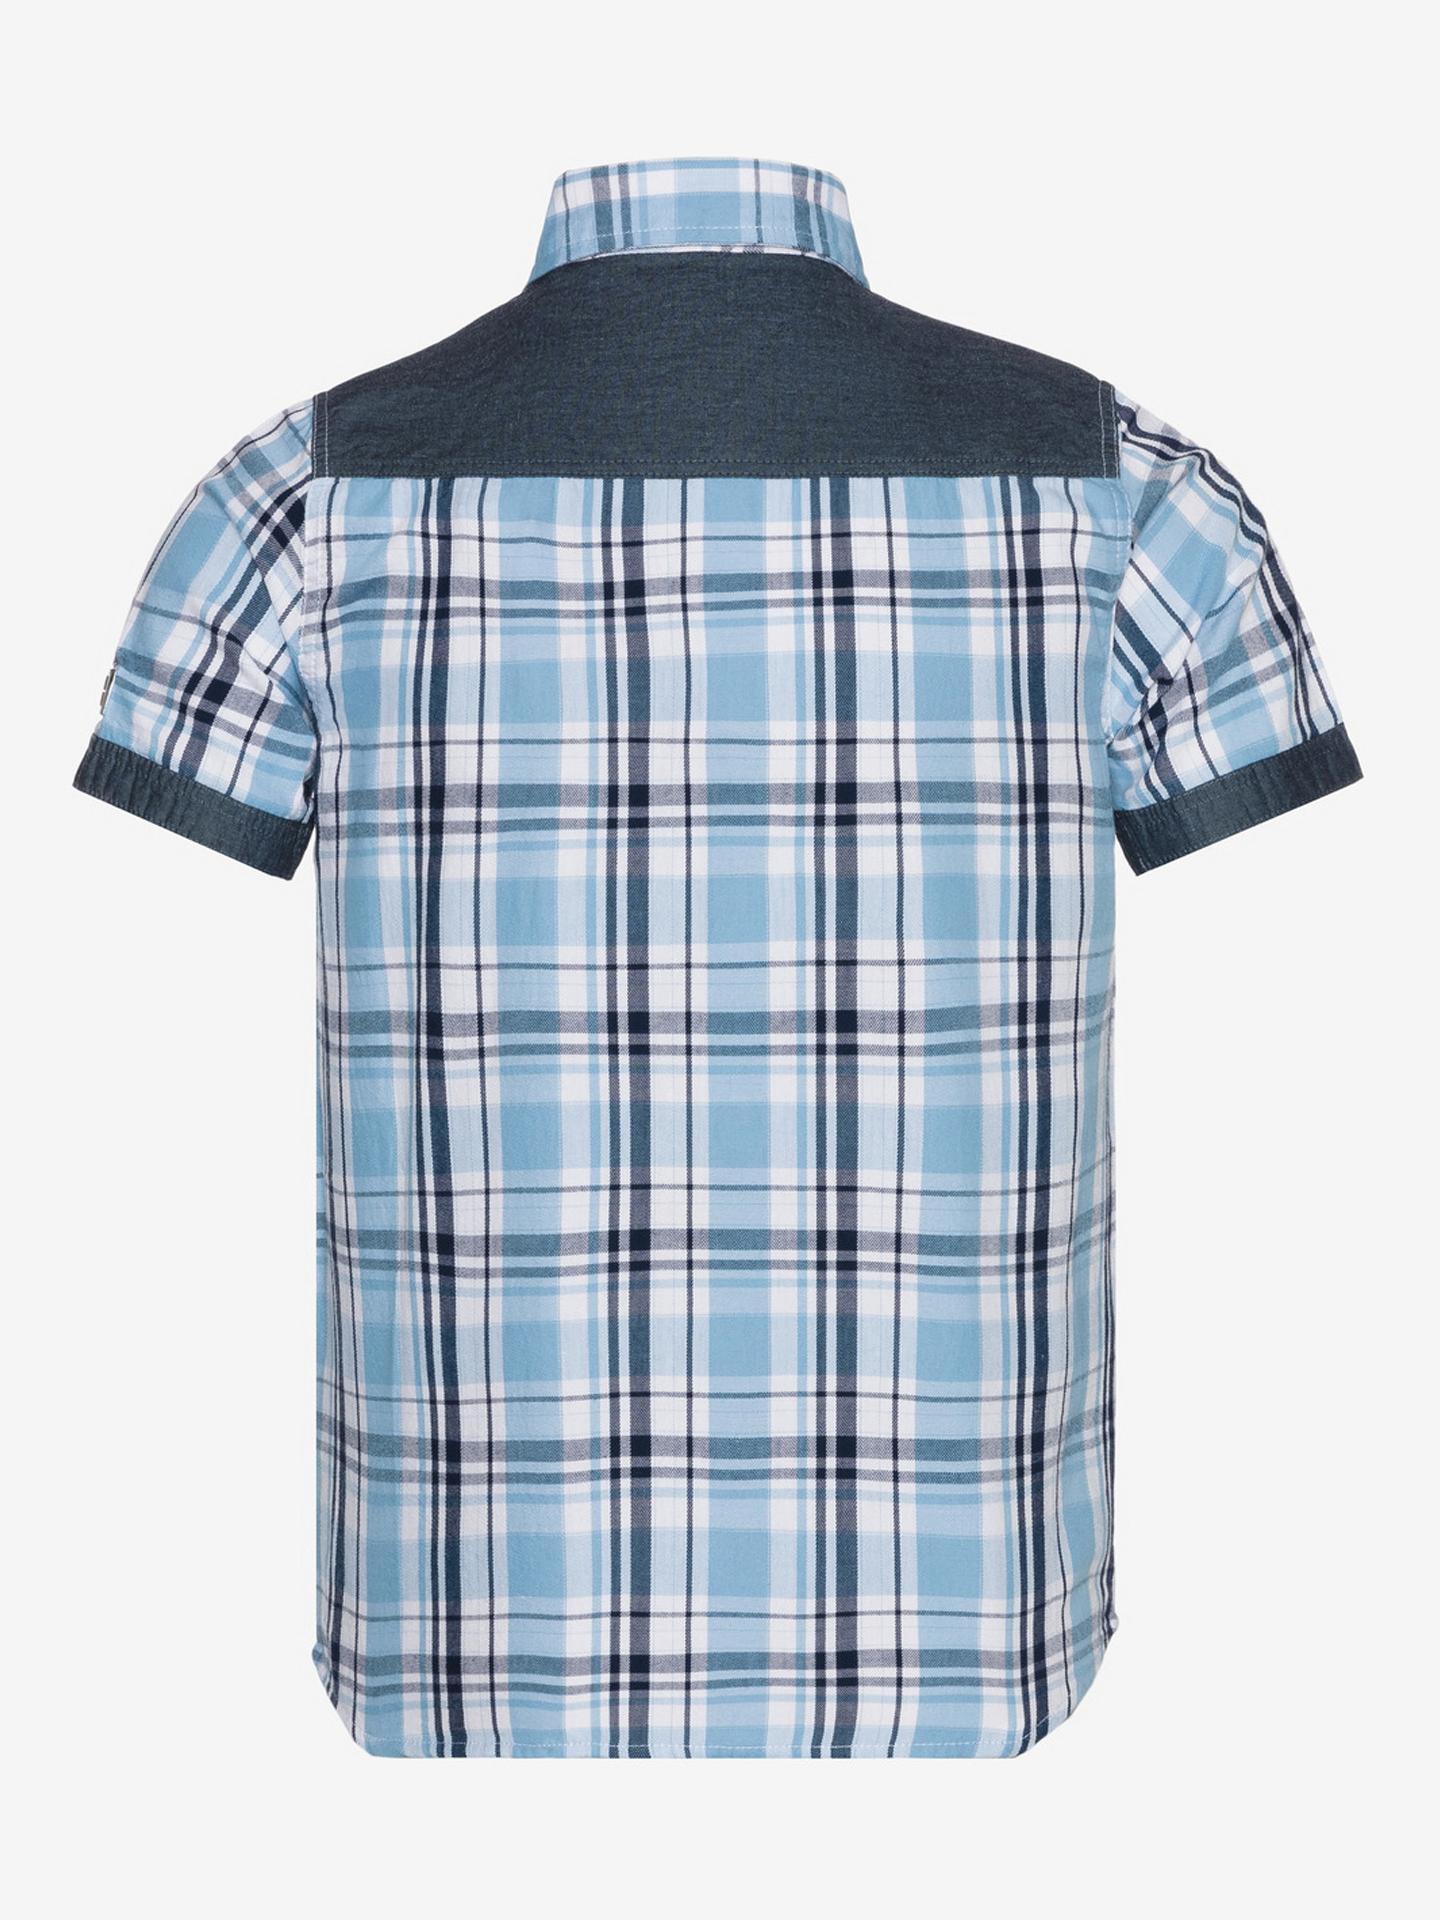 Guess Koszula dziecięca Niebieski